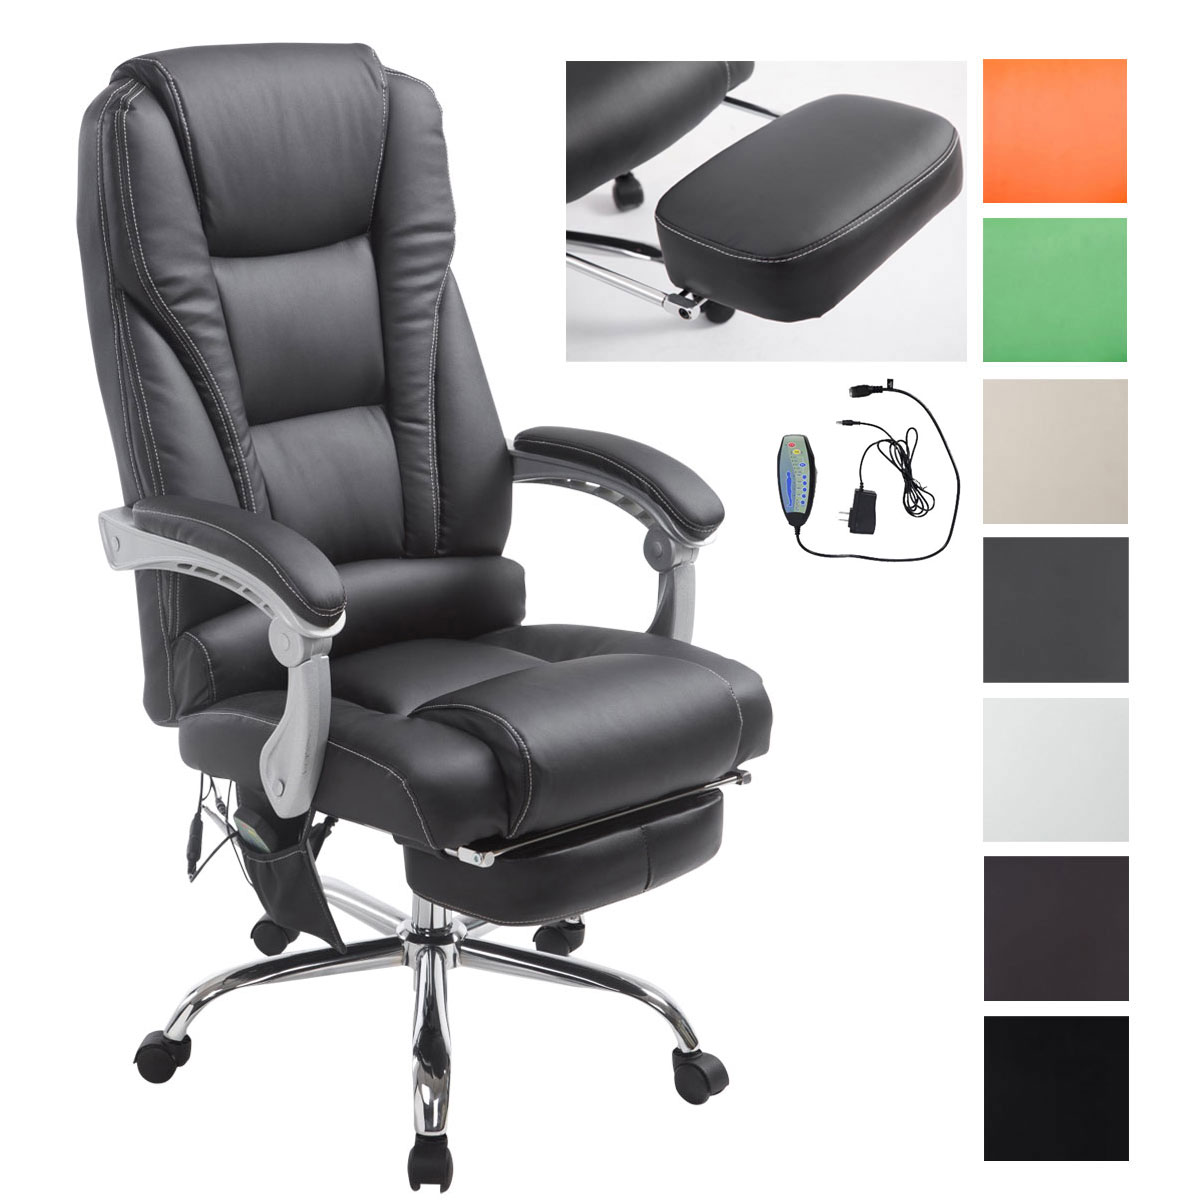 Bürosessel  Bürosessel: Drehstühle & -sessel   eBay